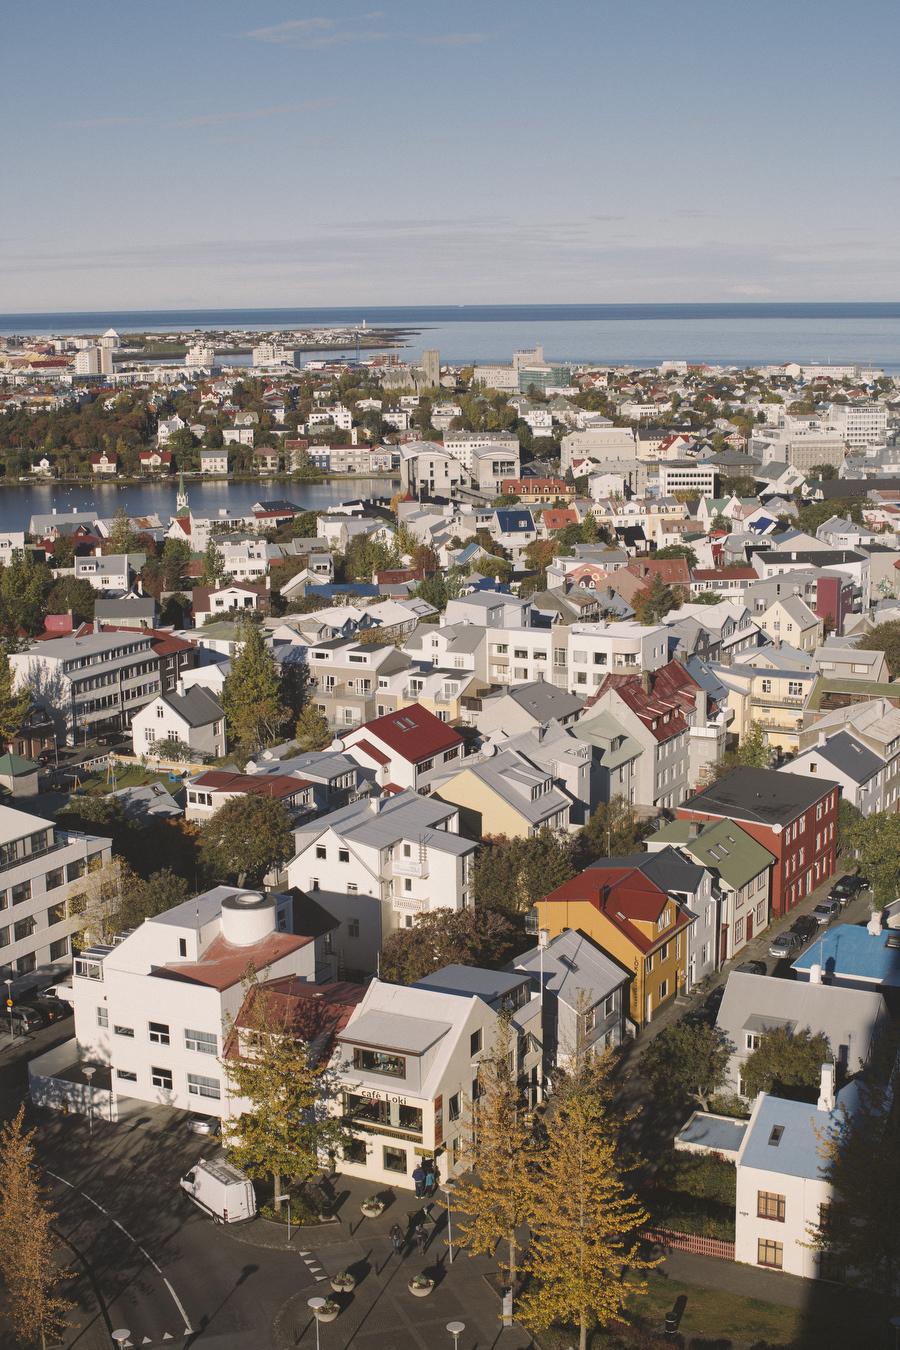 Reykjavík, Iceland at 73 meters high.